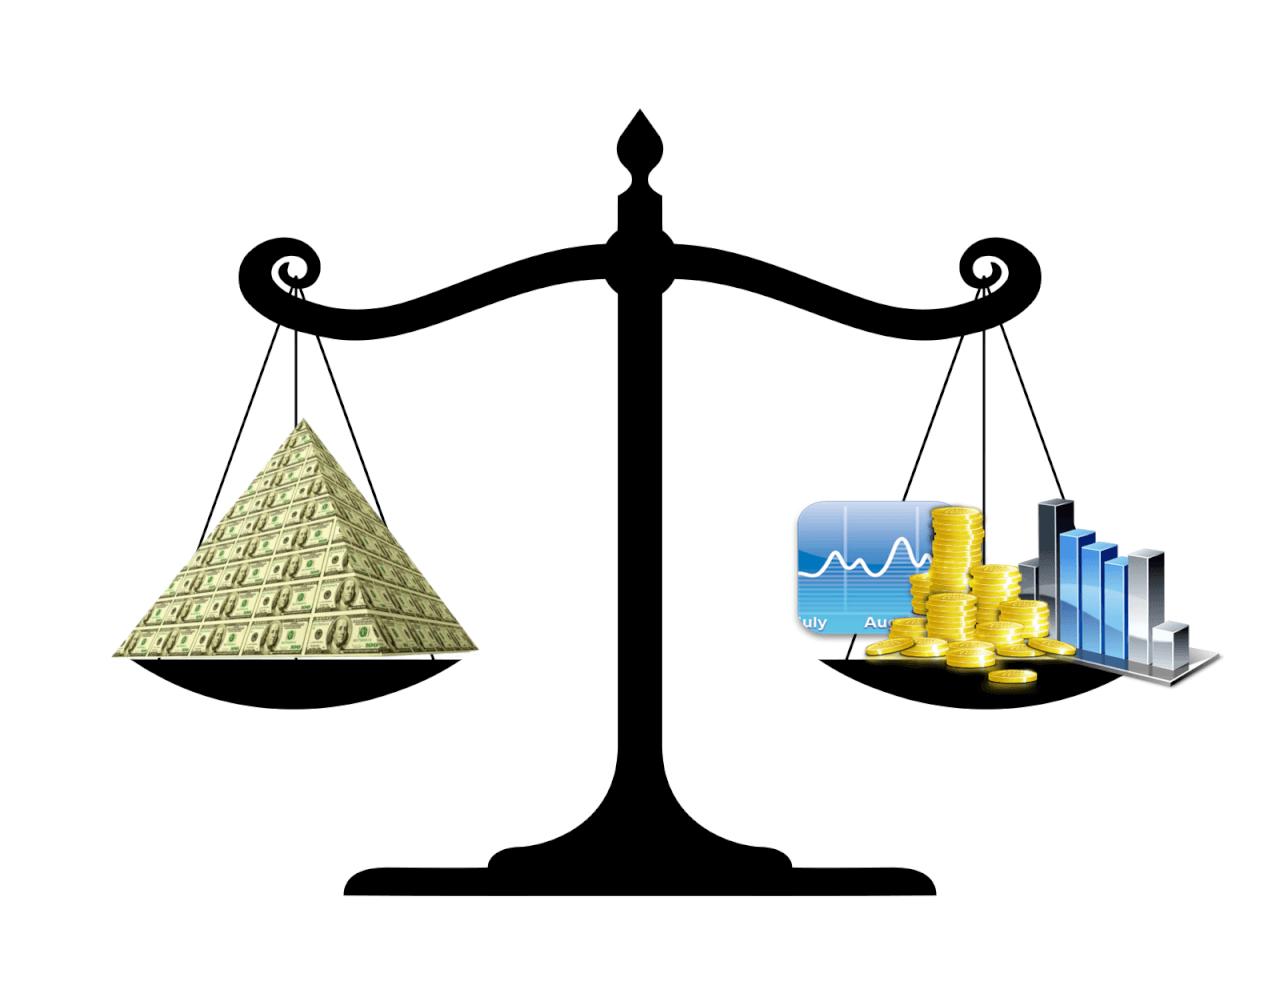 Что выгоднее - создавать пирамиду или инвестиции в реальный бизнес?